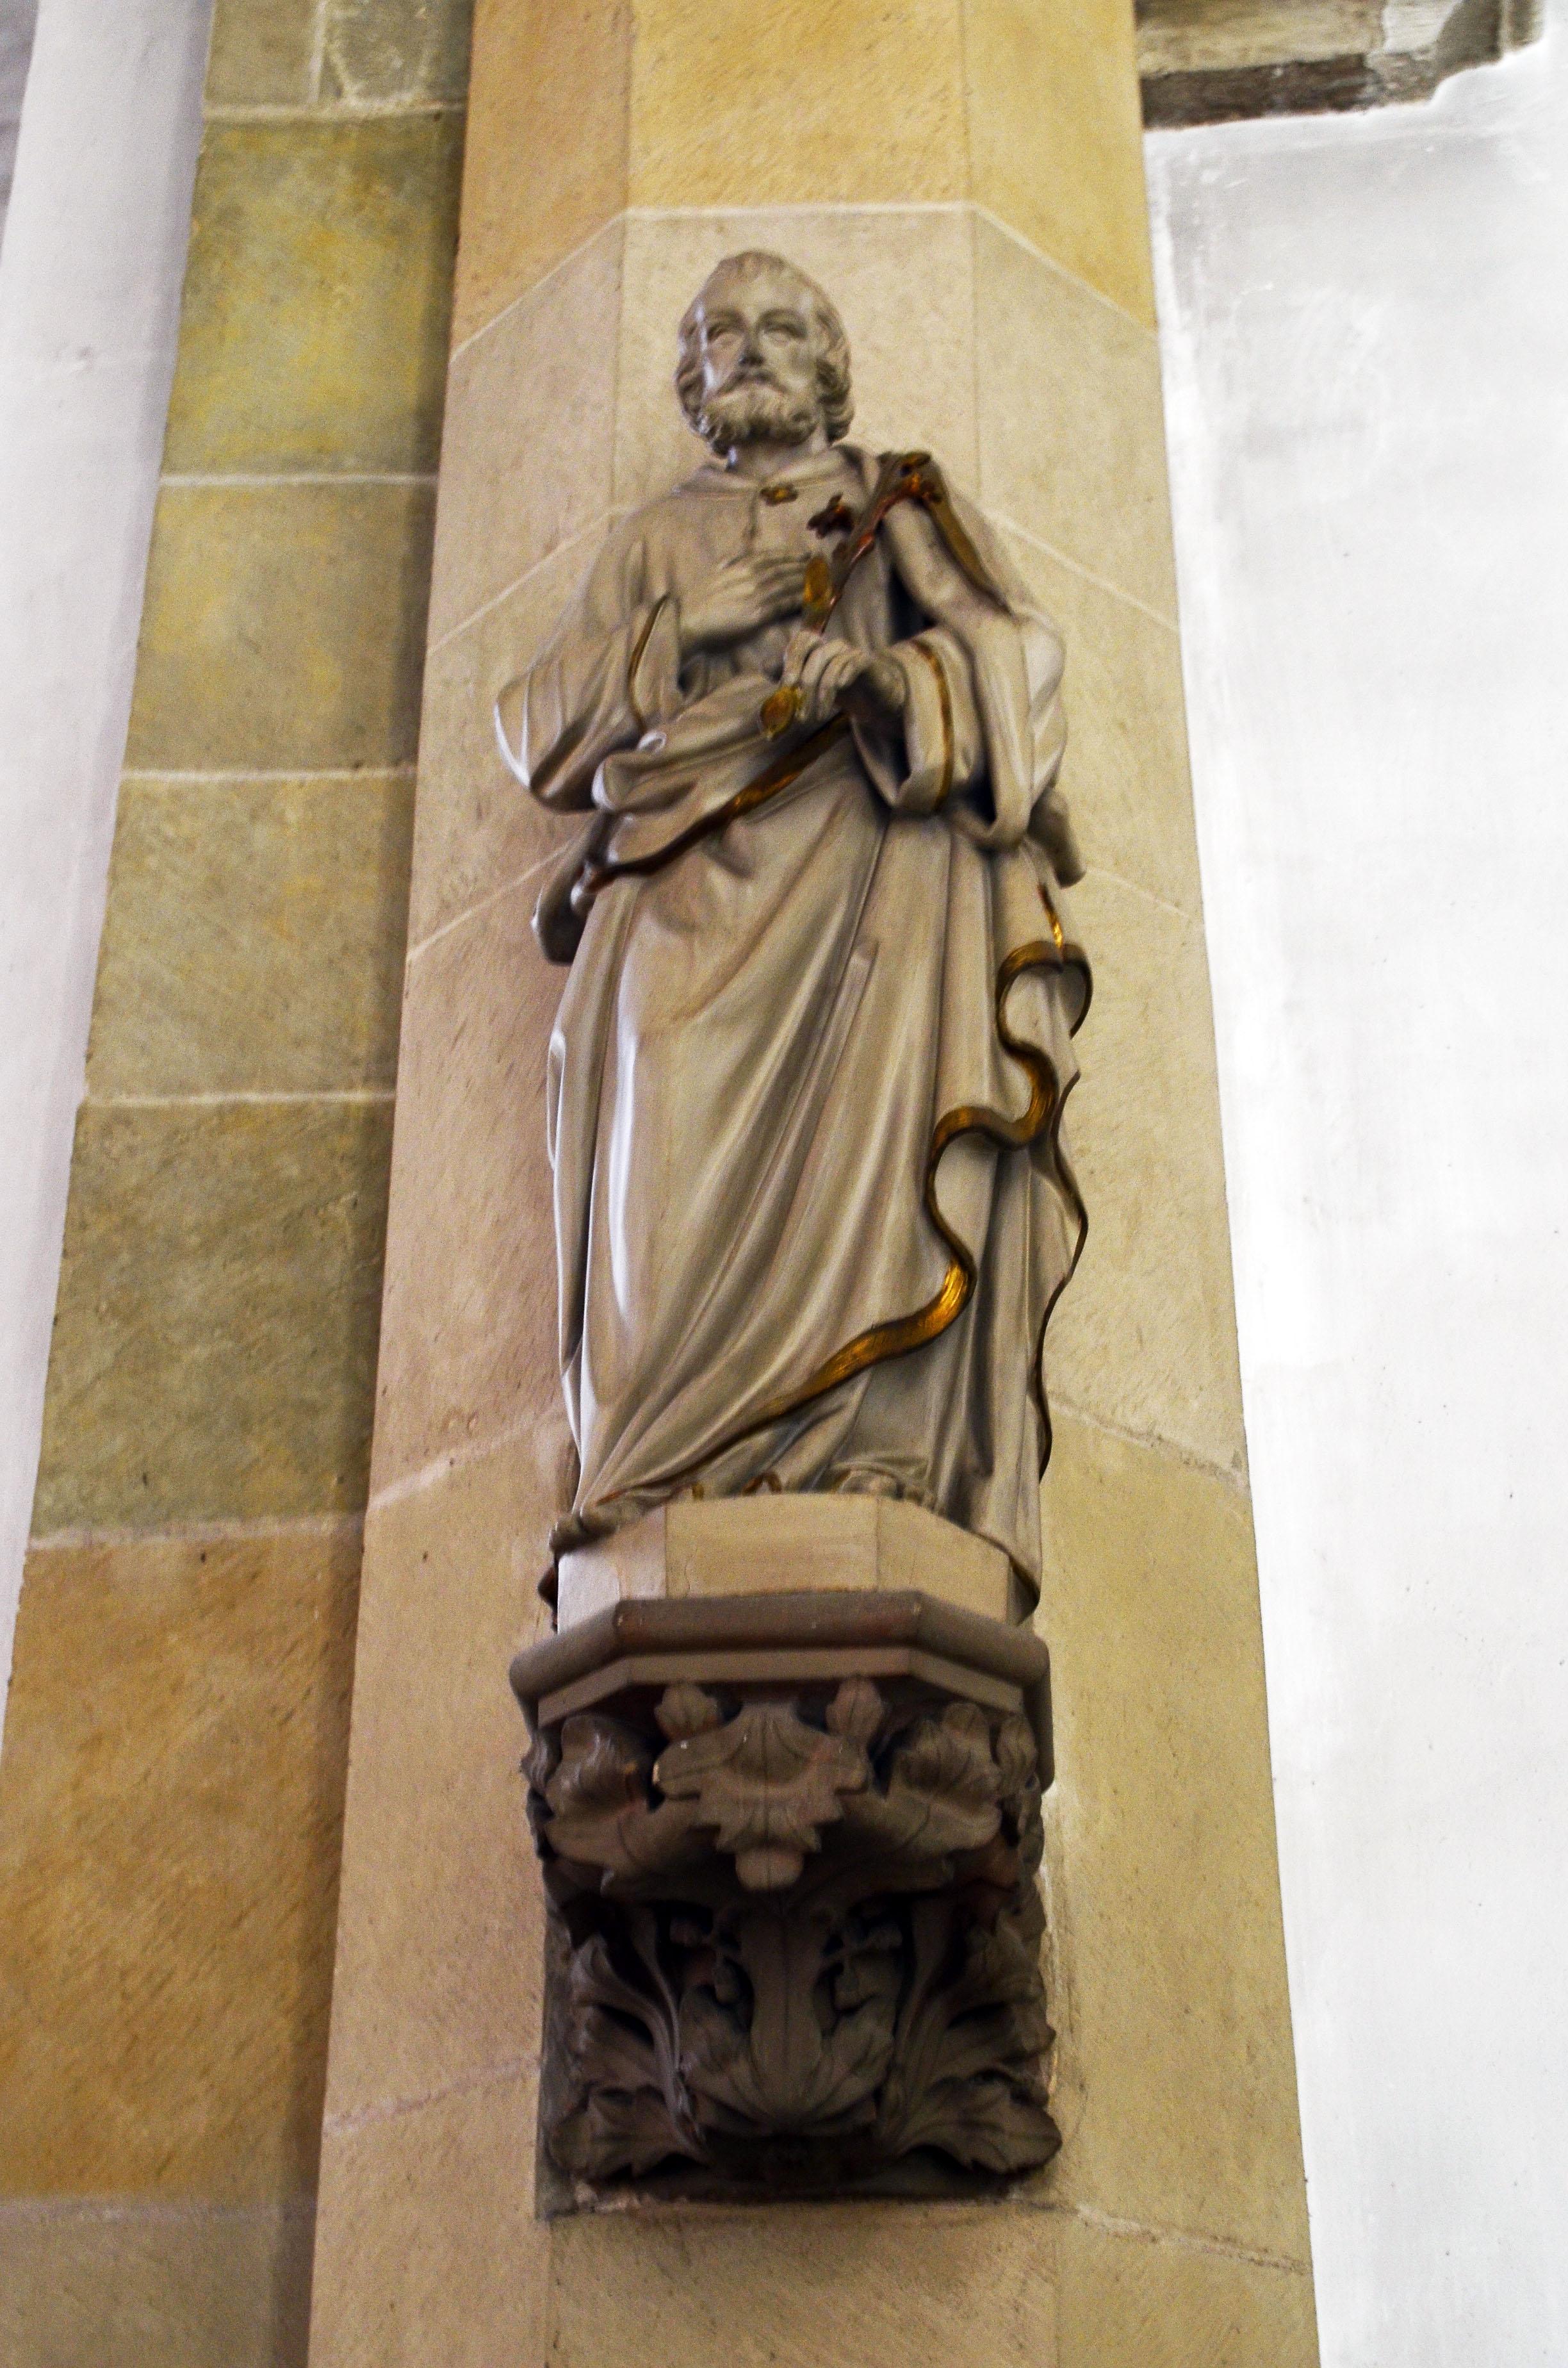 datei propsteikirche brilon heiligenfigur mit golden abgesetztem gewand jpg wikipedia. Black Bedroom Furniture Sets. Home Design Ideas